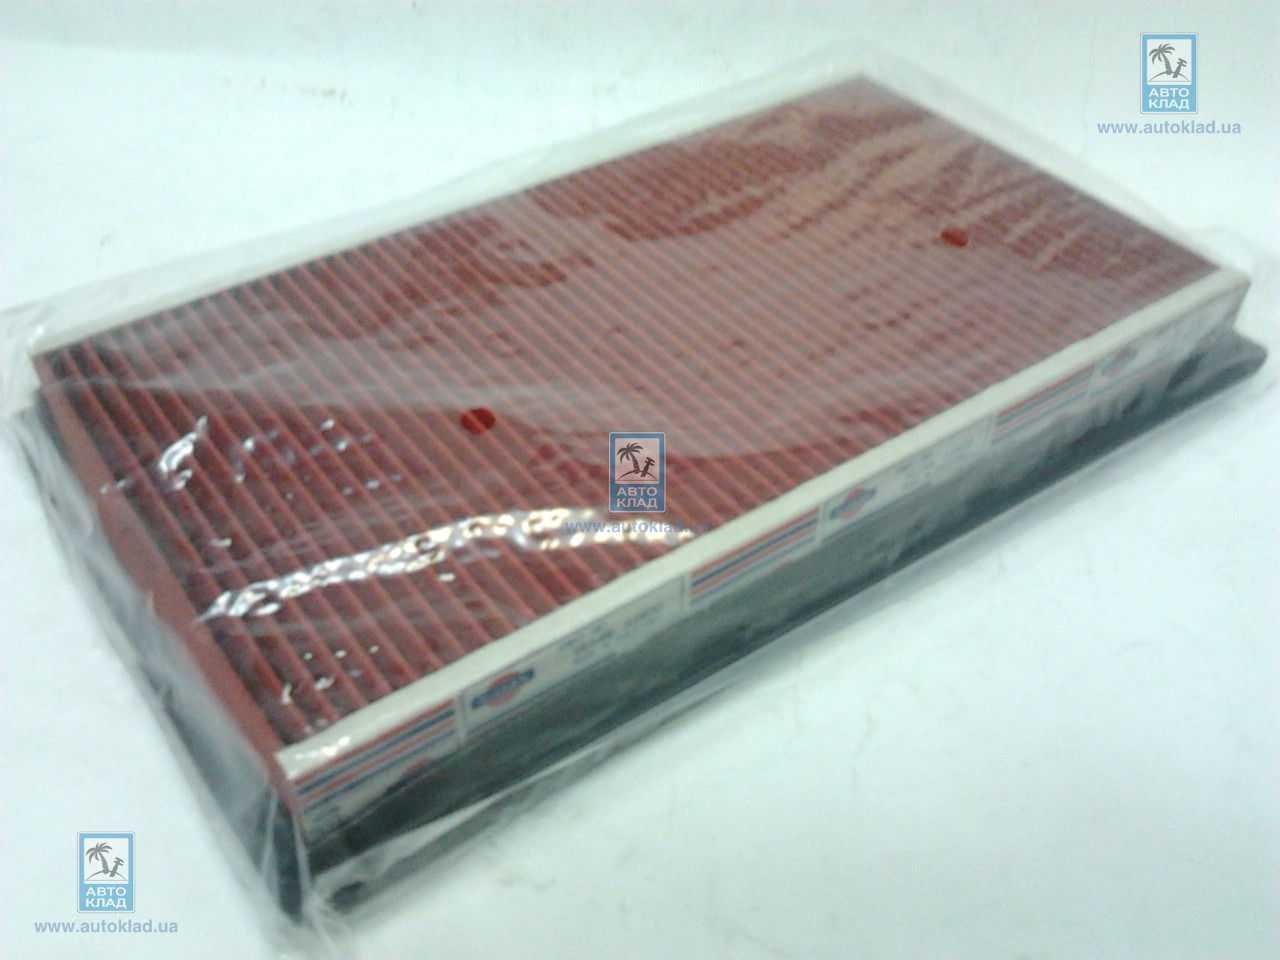 Фильтр воздушный NISSAN -16546-3J400: купить